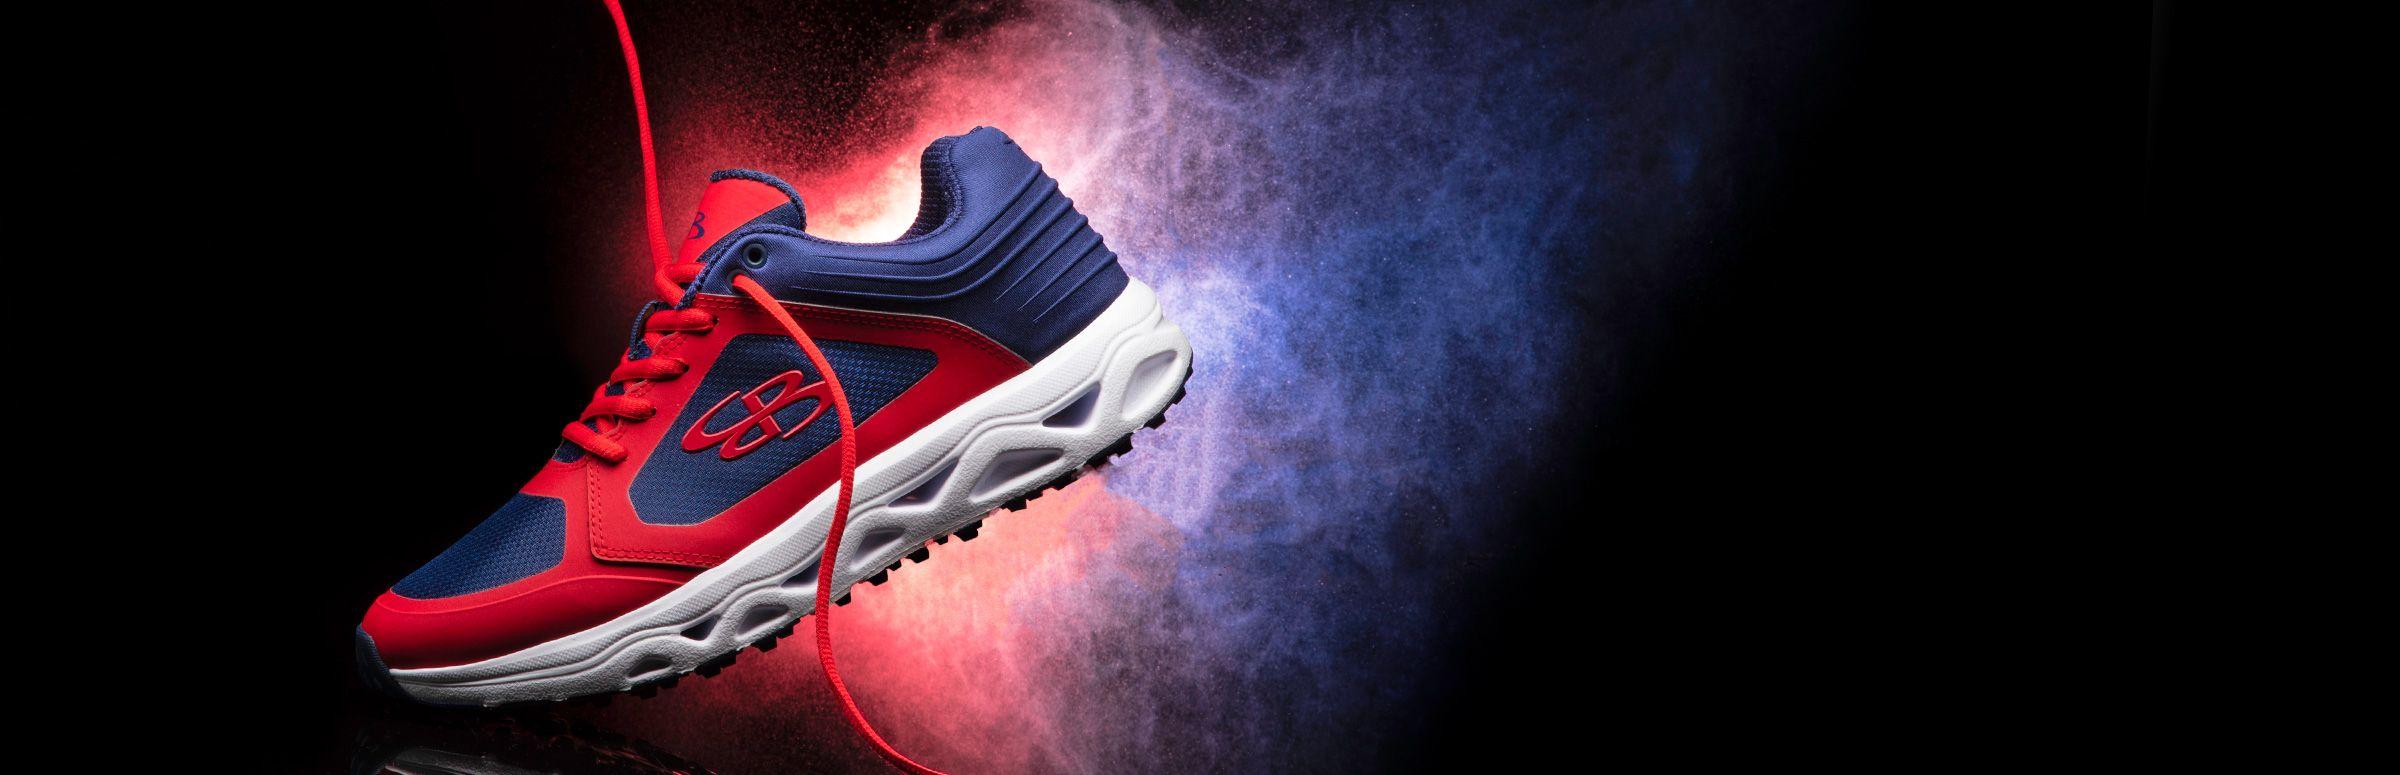 Ballistic Footwear